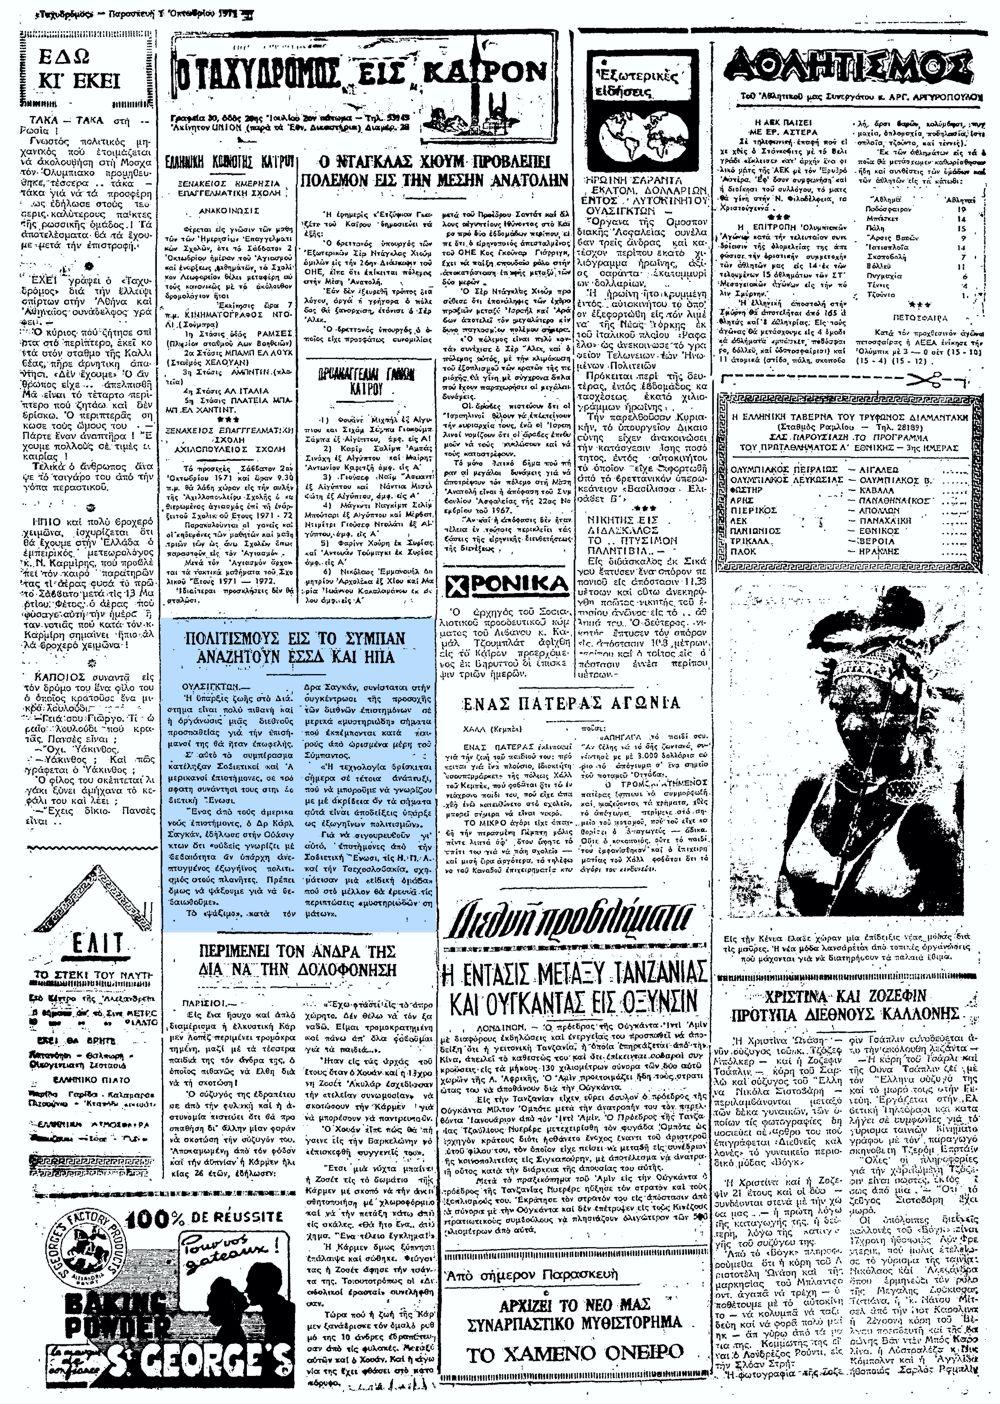 """Το άρθρο, όπως δημοσιεύθηκε στην εφημερίδα """"ΤΑΧΥΔΡΟΜΟΣ"""", στις 01/10/1971"""